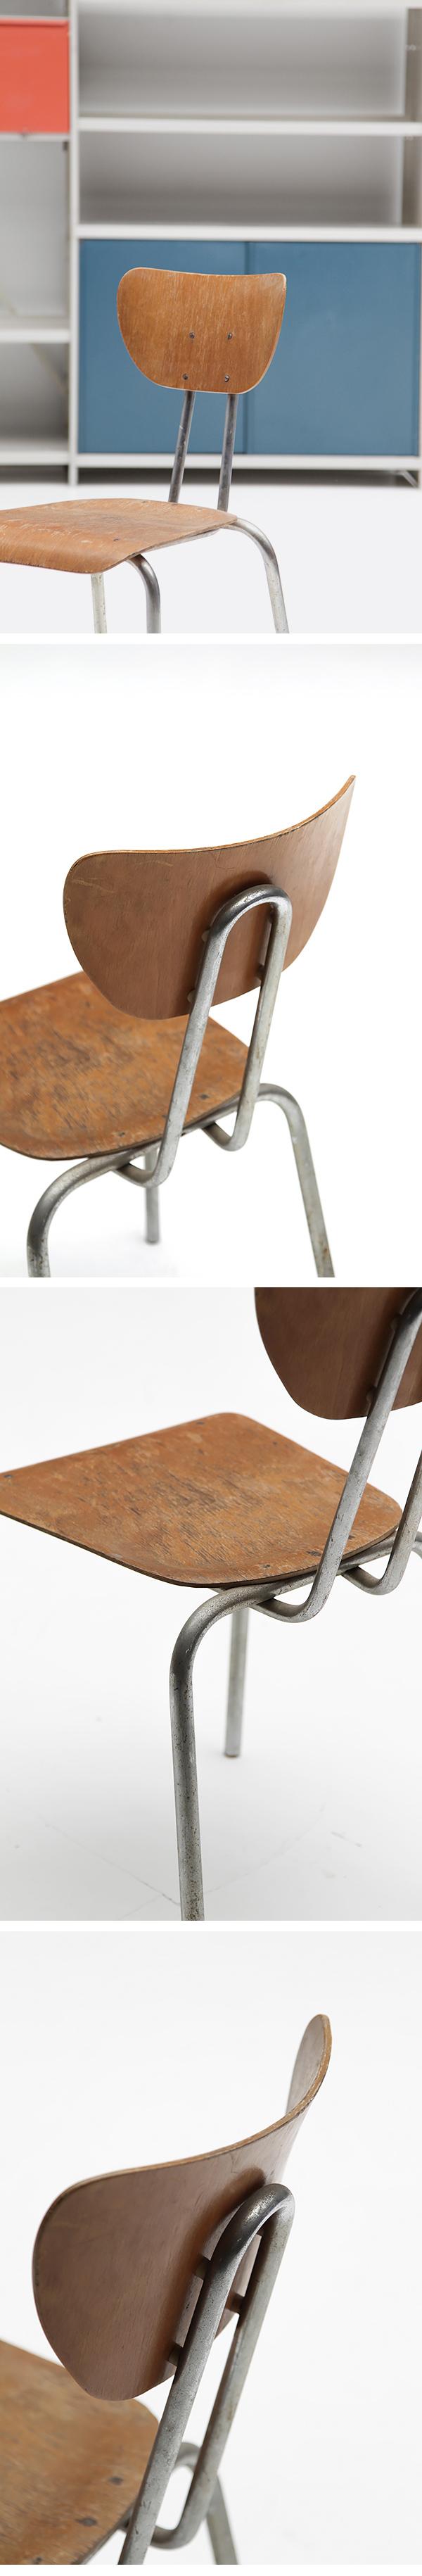 Rare, 1950s, chrome, Tubax, chair